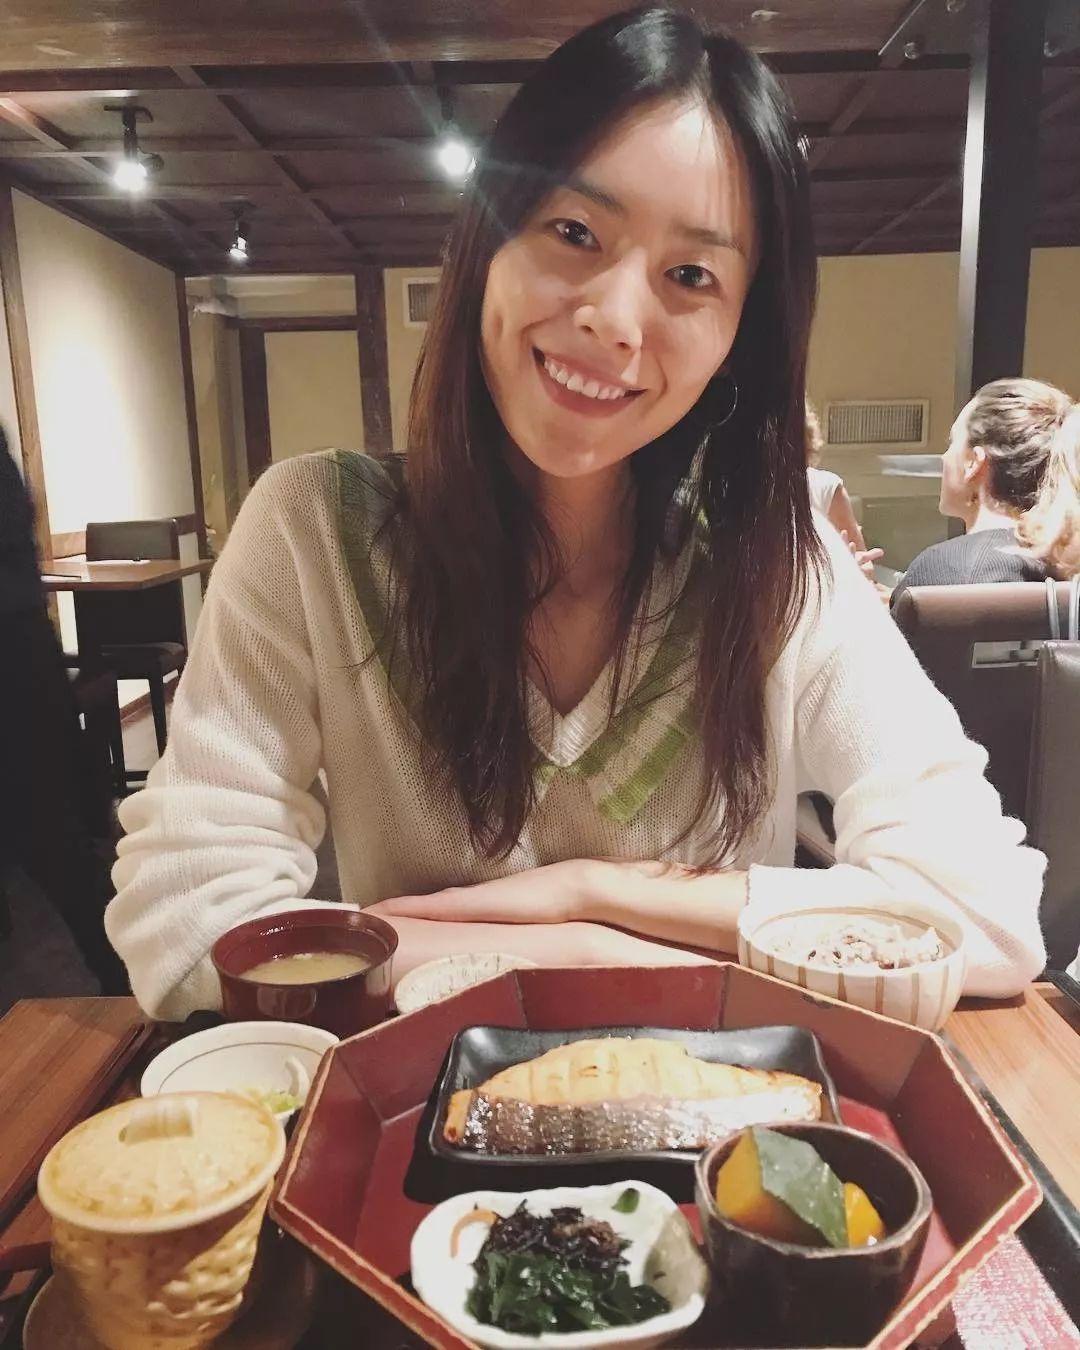 美食画面在同一美女,是真正的秀色可餐嘛!yo官网美女图片